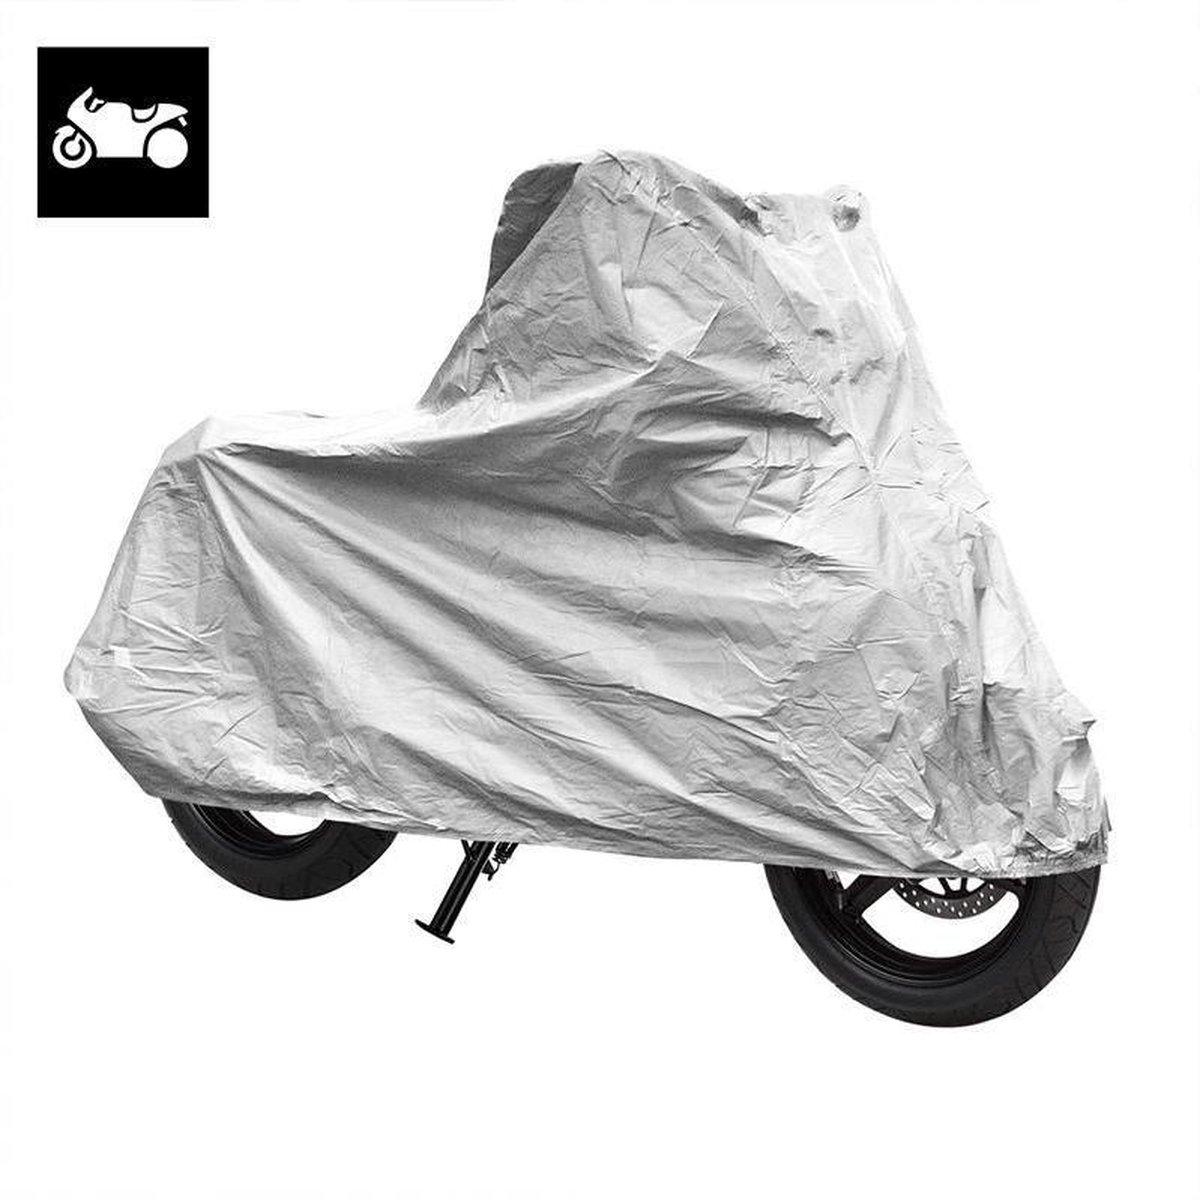 Proplus Motor En Scooterhoes Xl 246x104x127 Cm